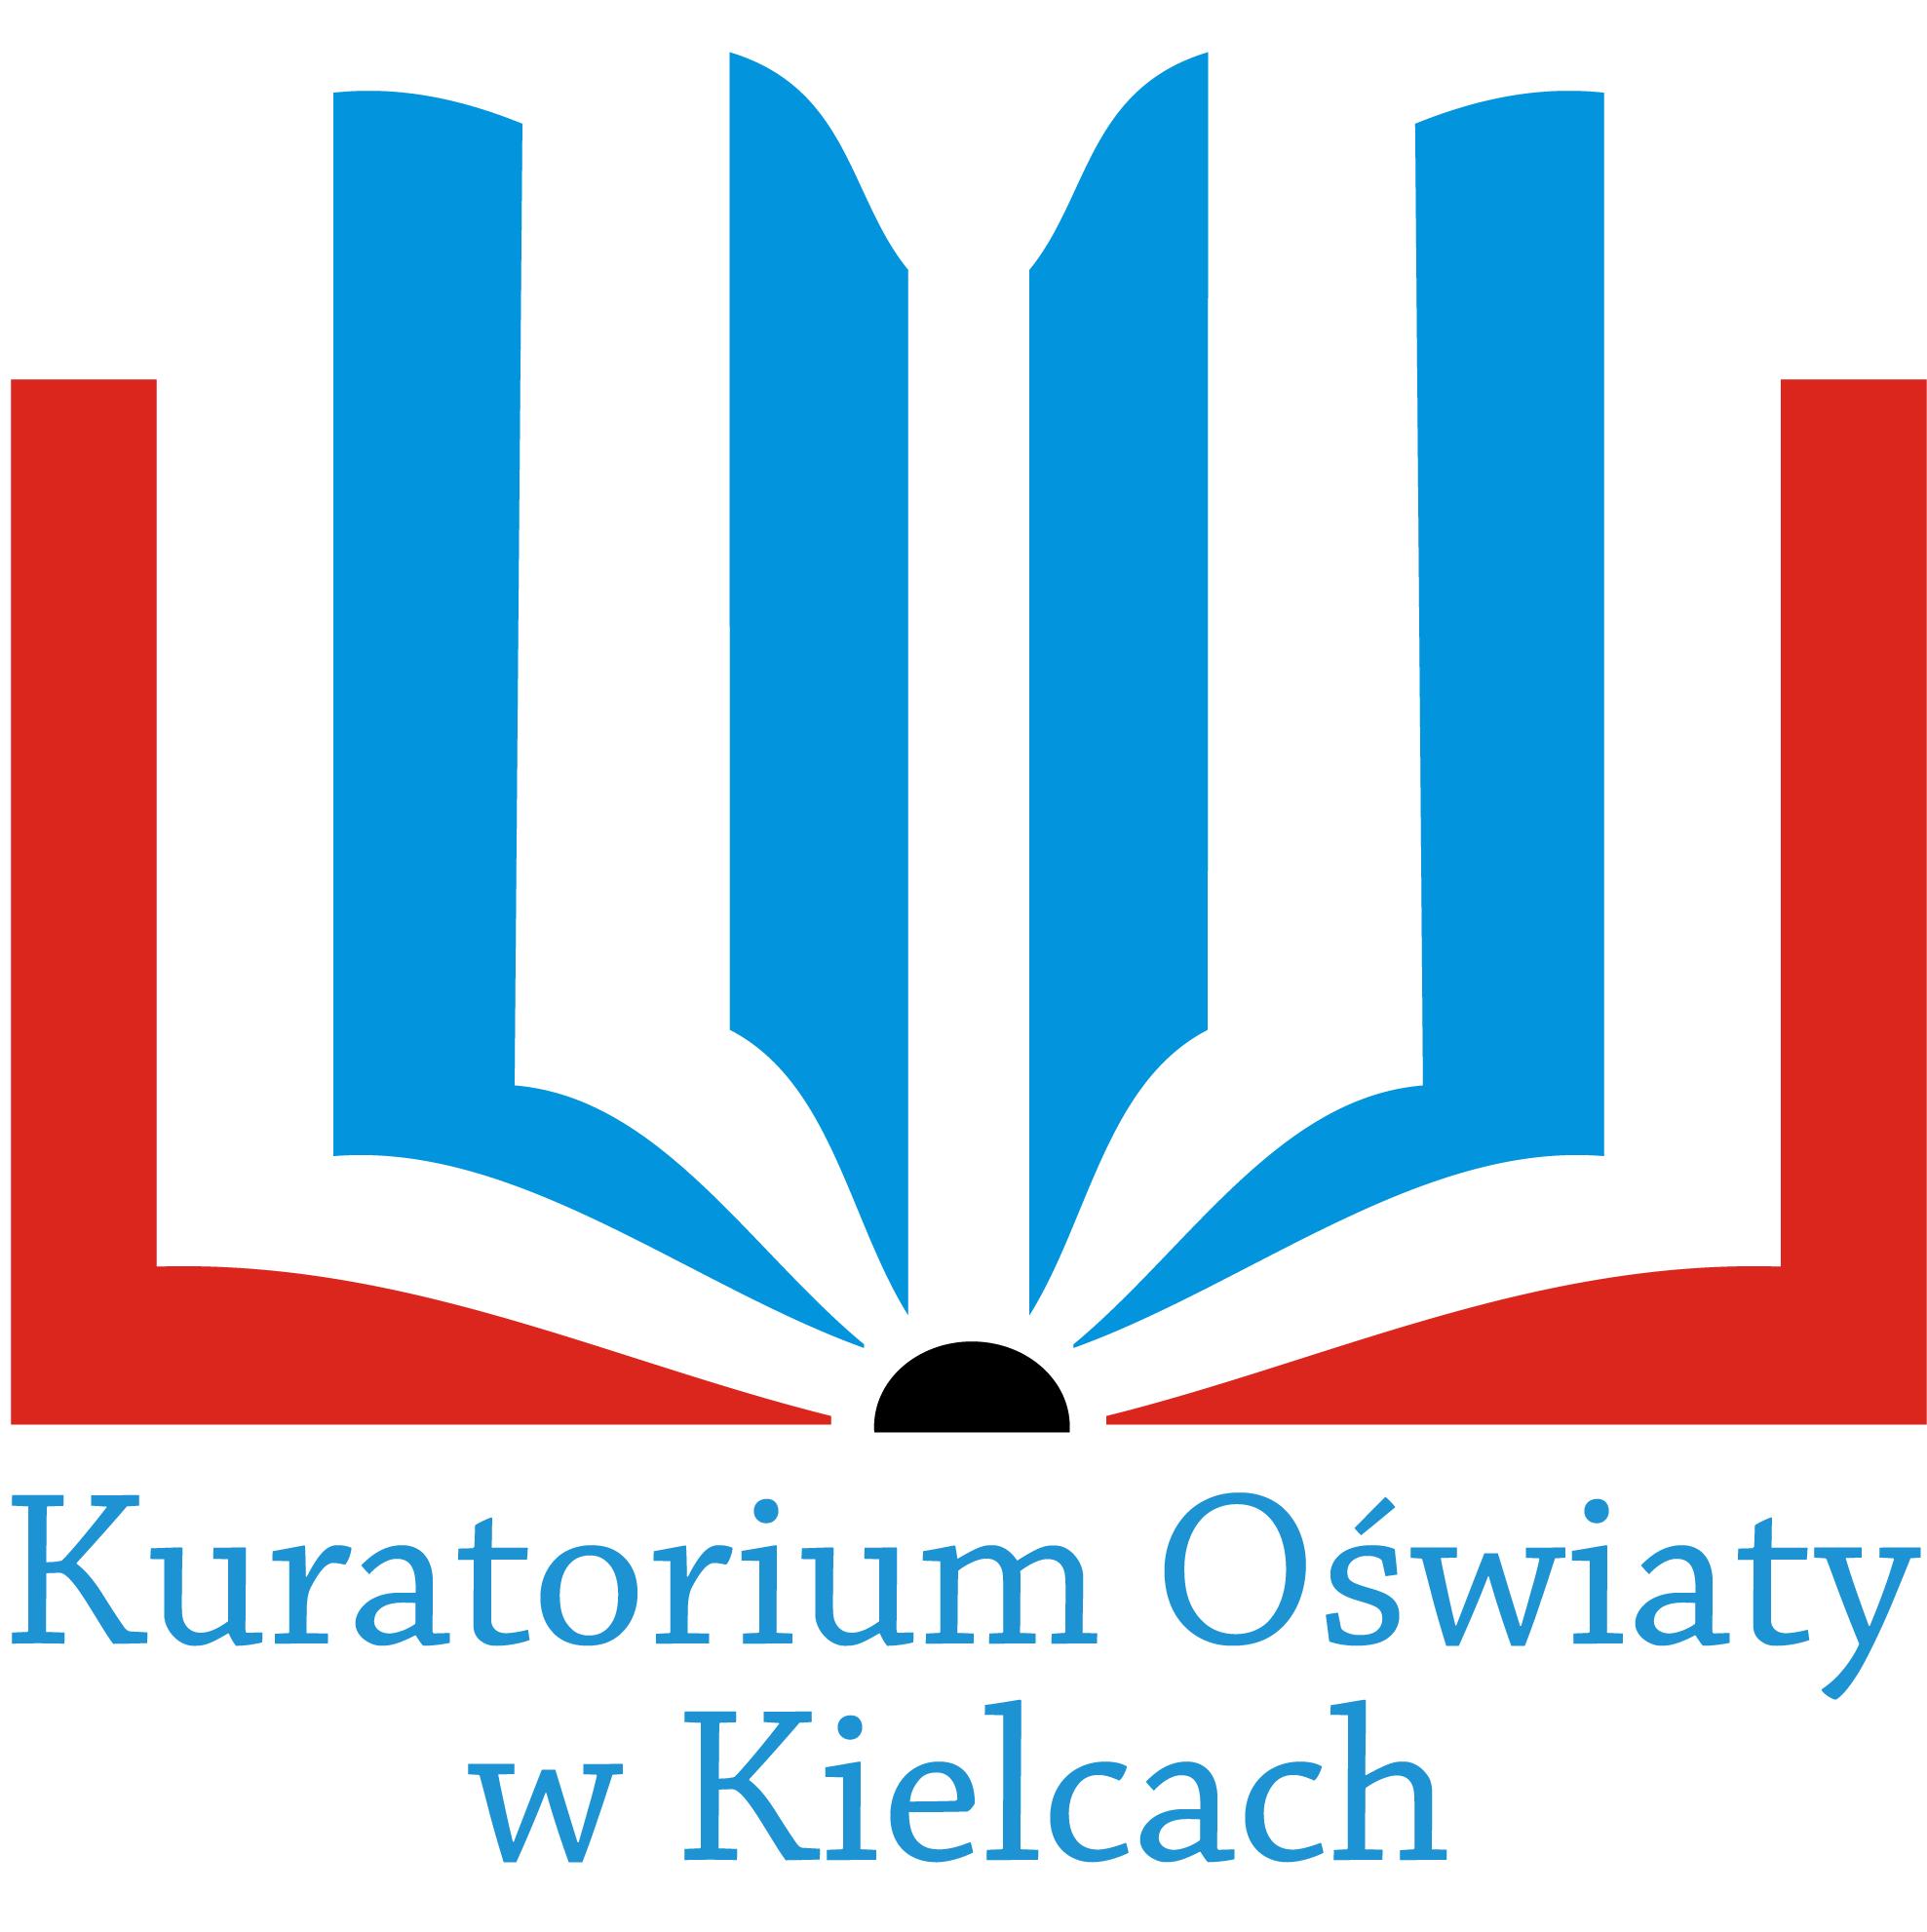 htttp://swietokrzyskie.pl